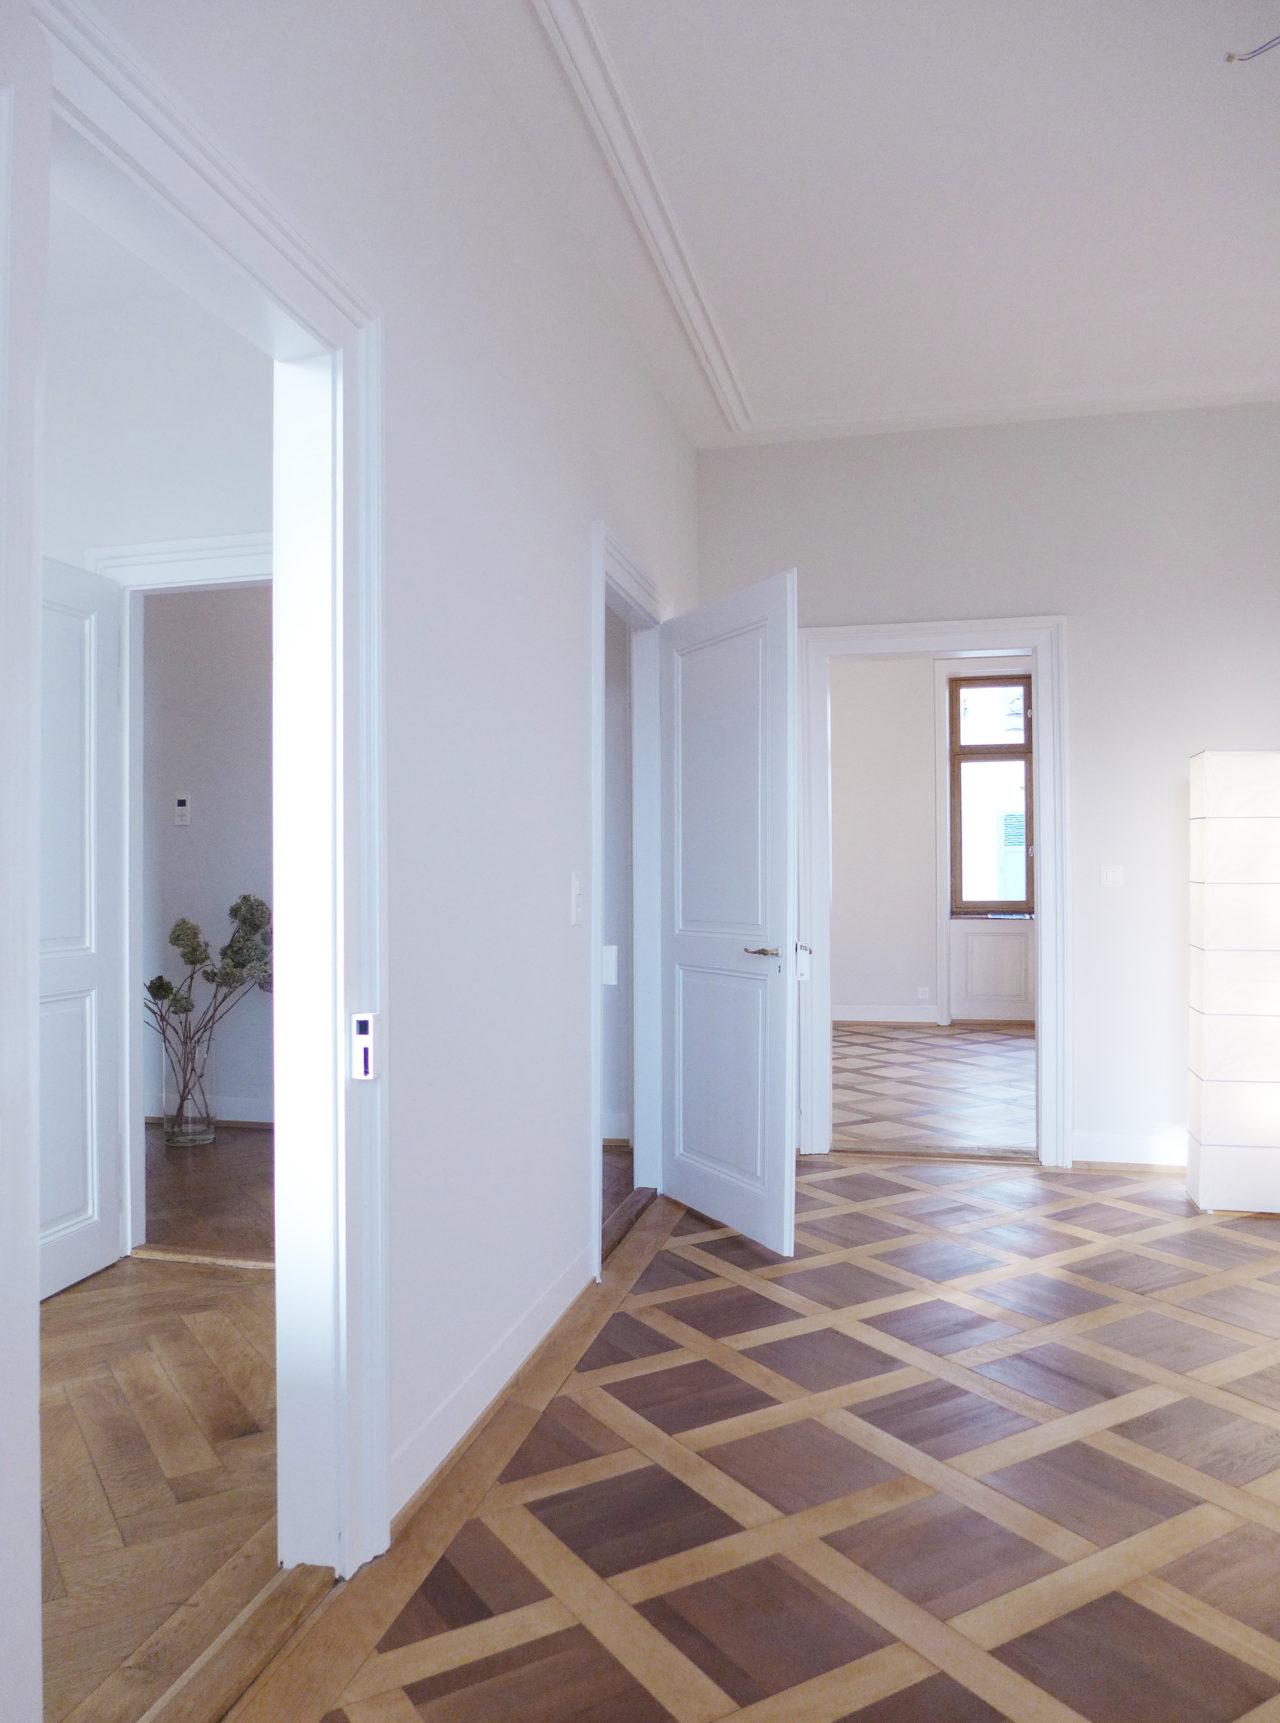 Wohnräume im 1.Obergeschoss nach Umbau und Ausbau (Dachausbau)von Architekturbüro Forsberg in Basel